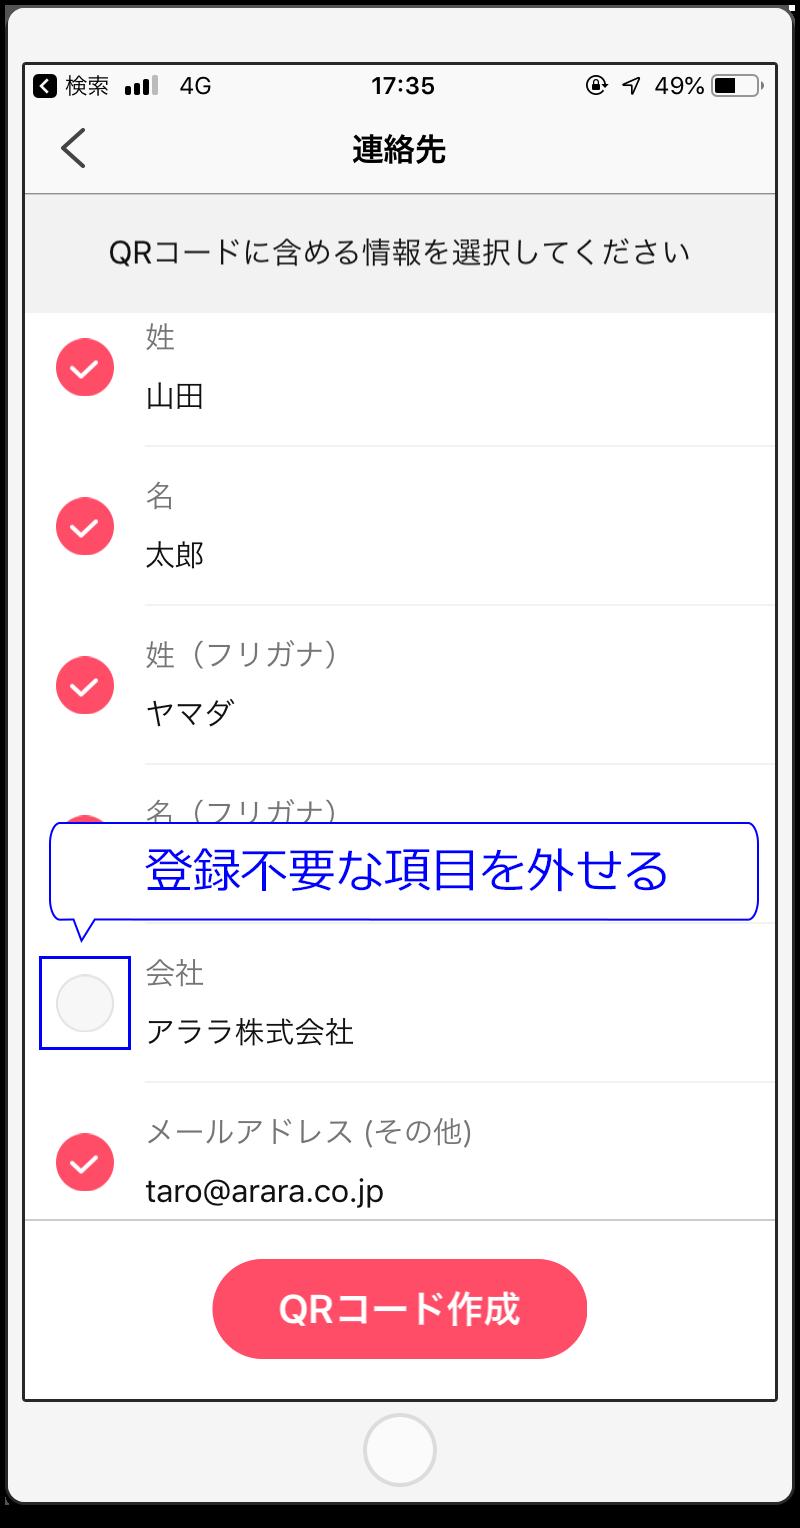 QRコード読み取り時の連絡先QRコード